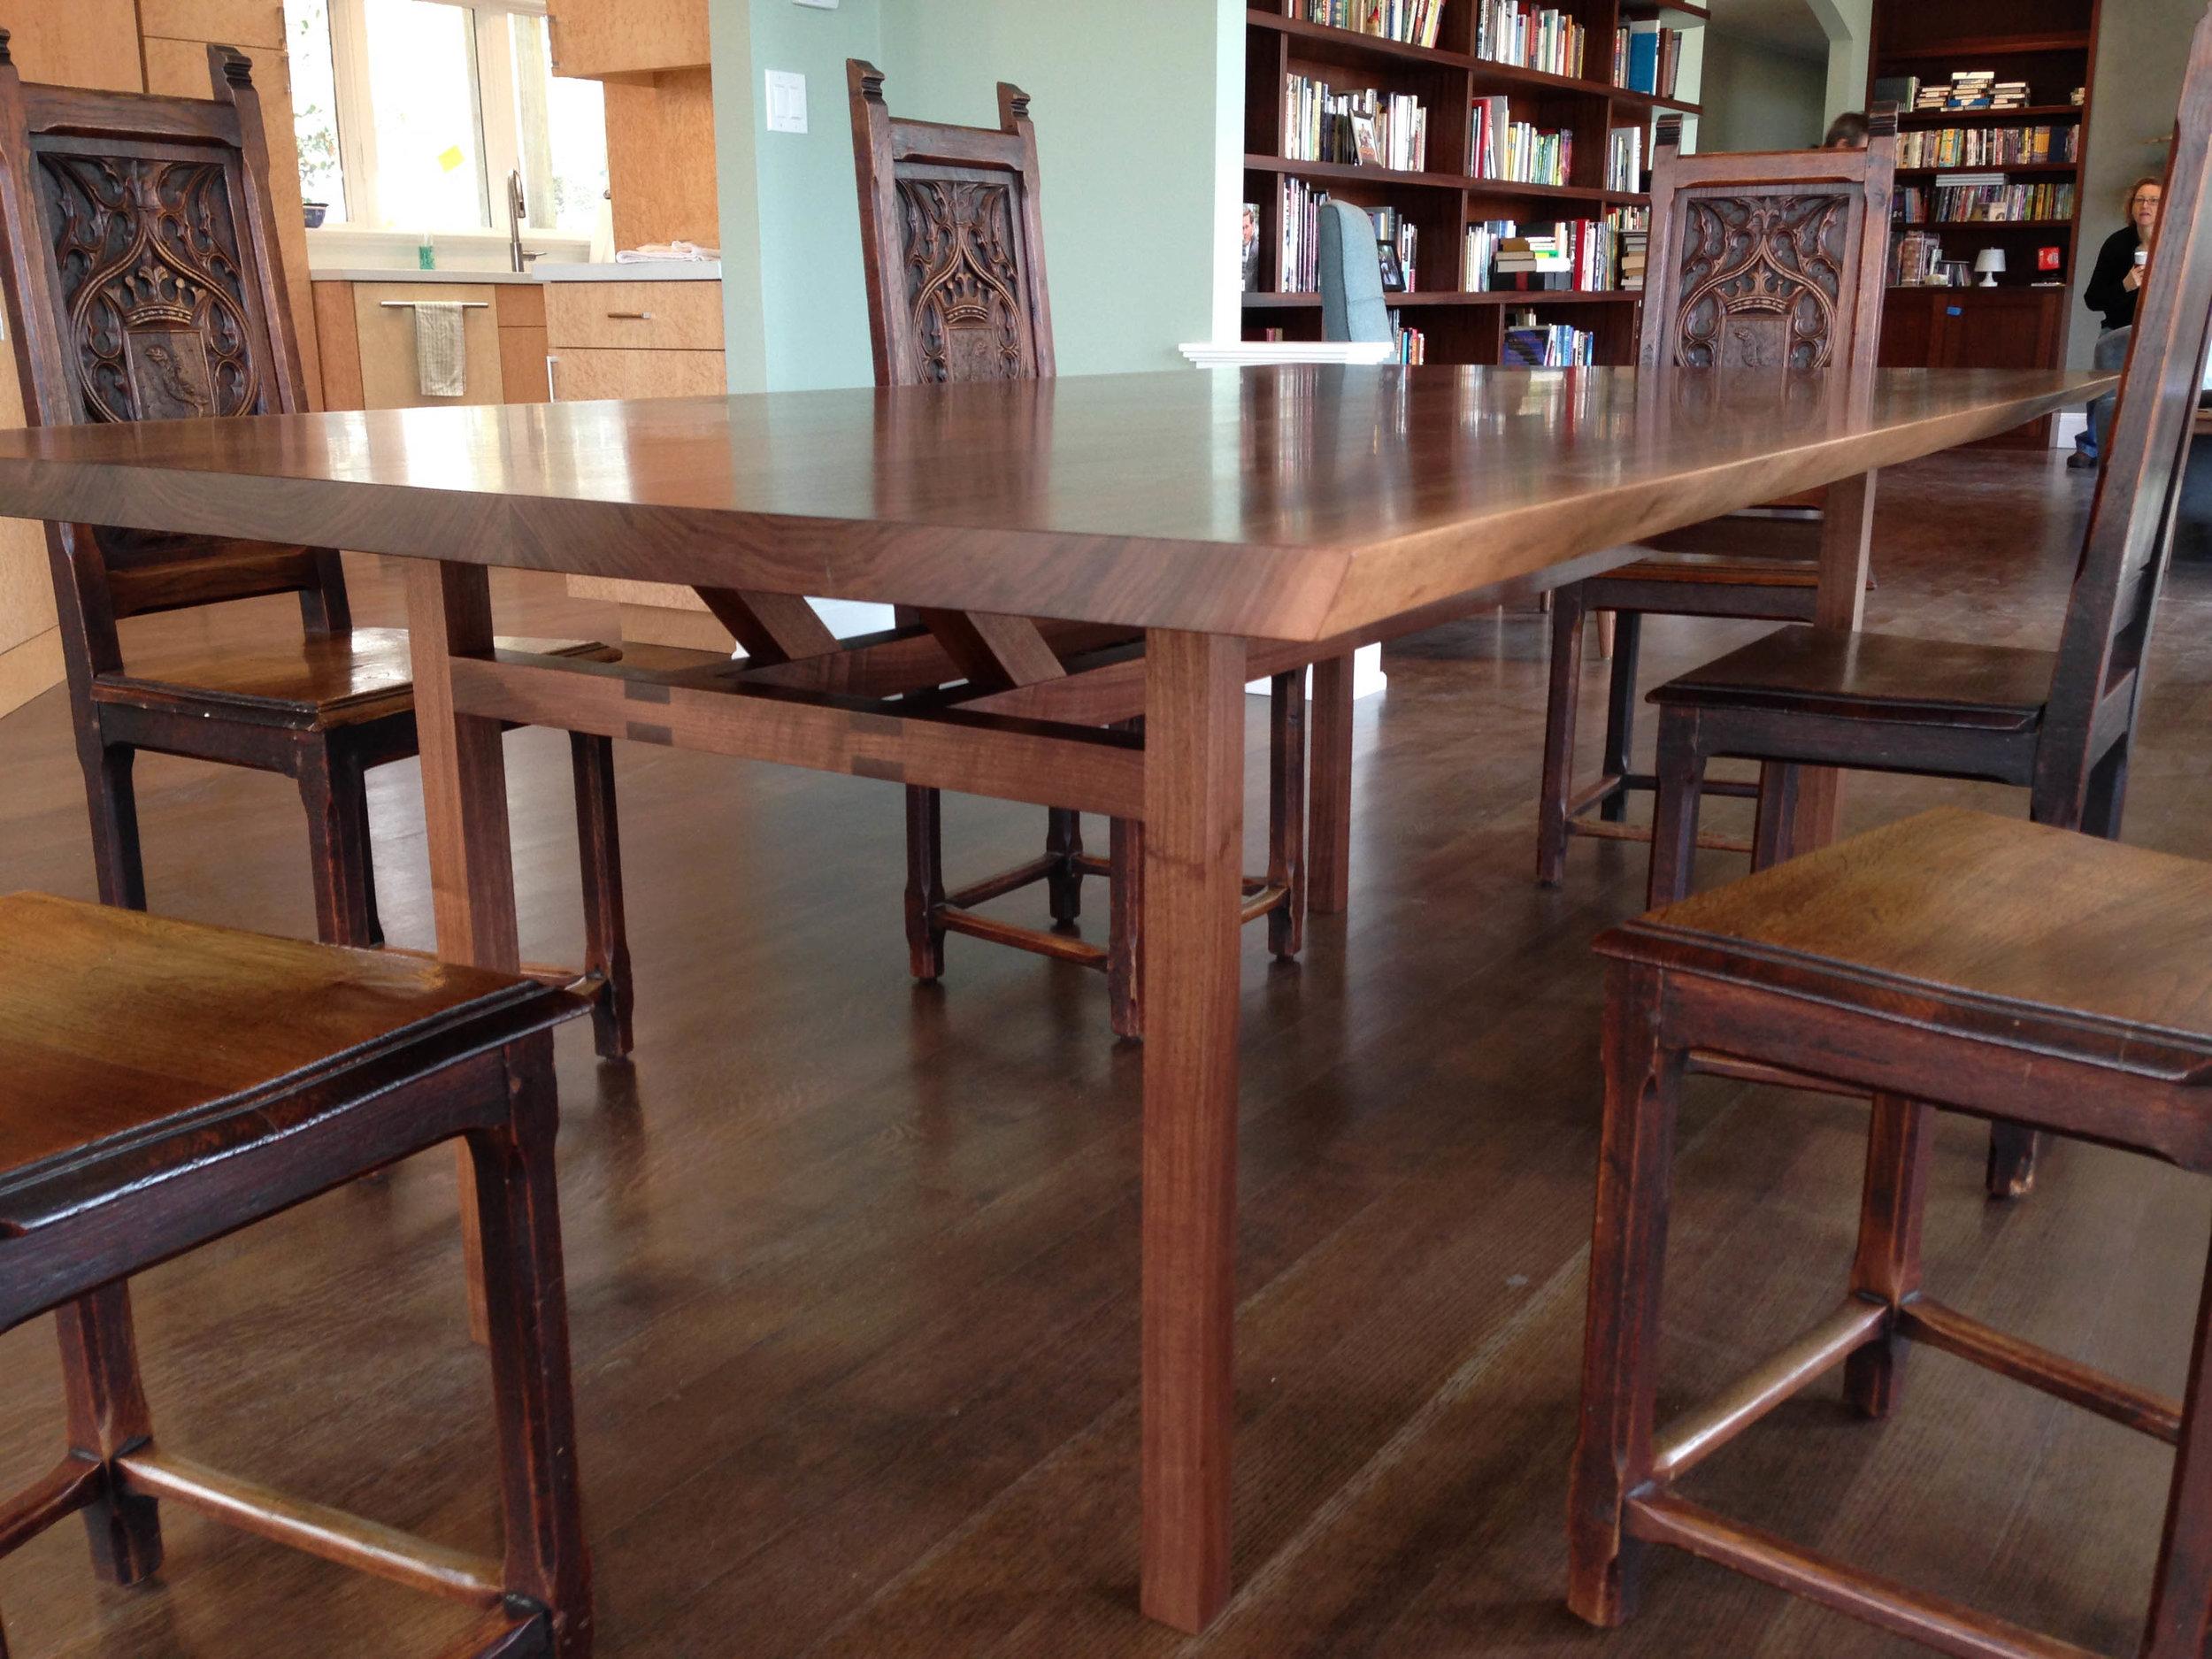 triad trestle table-0125.jpg